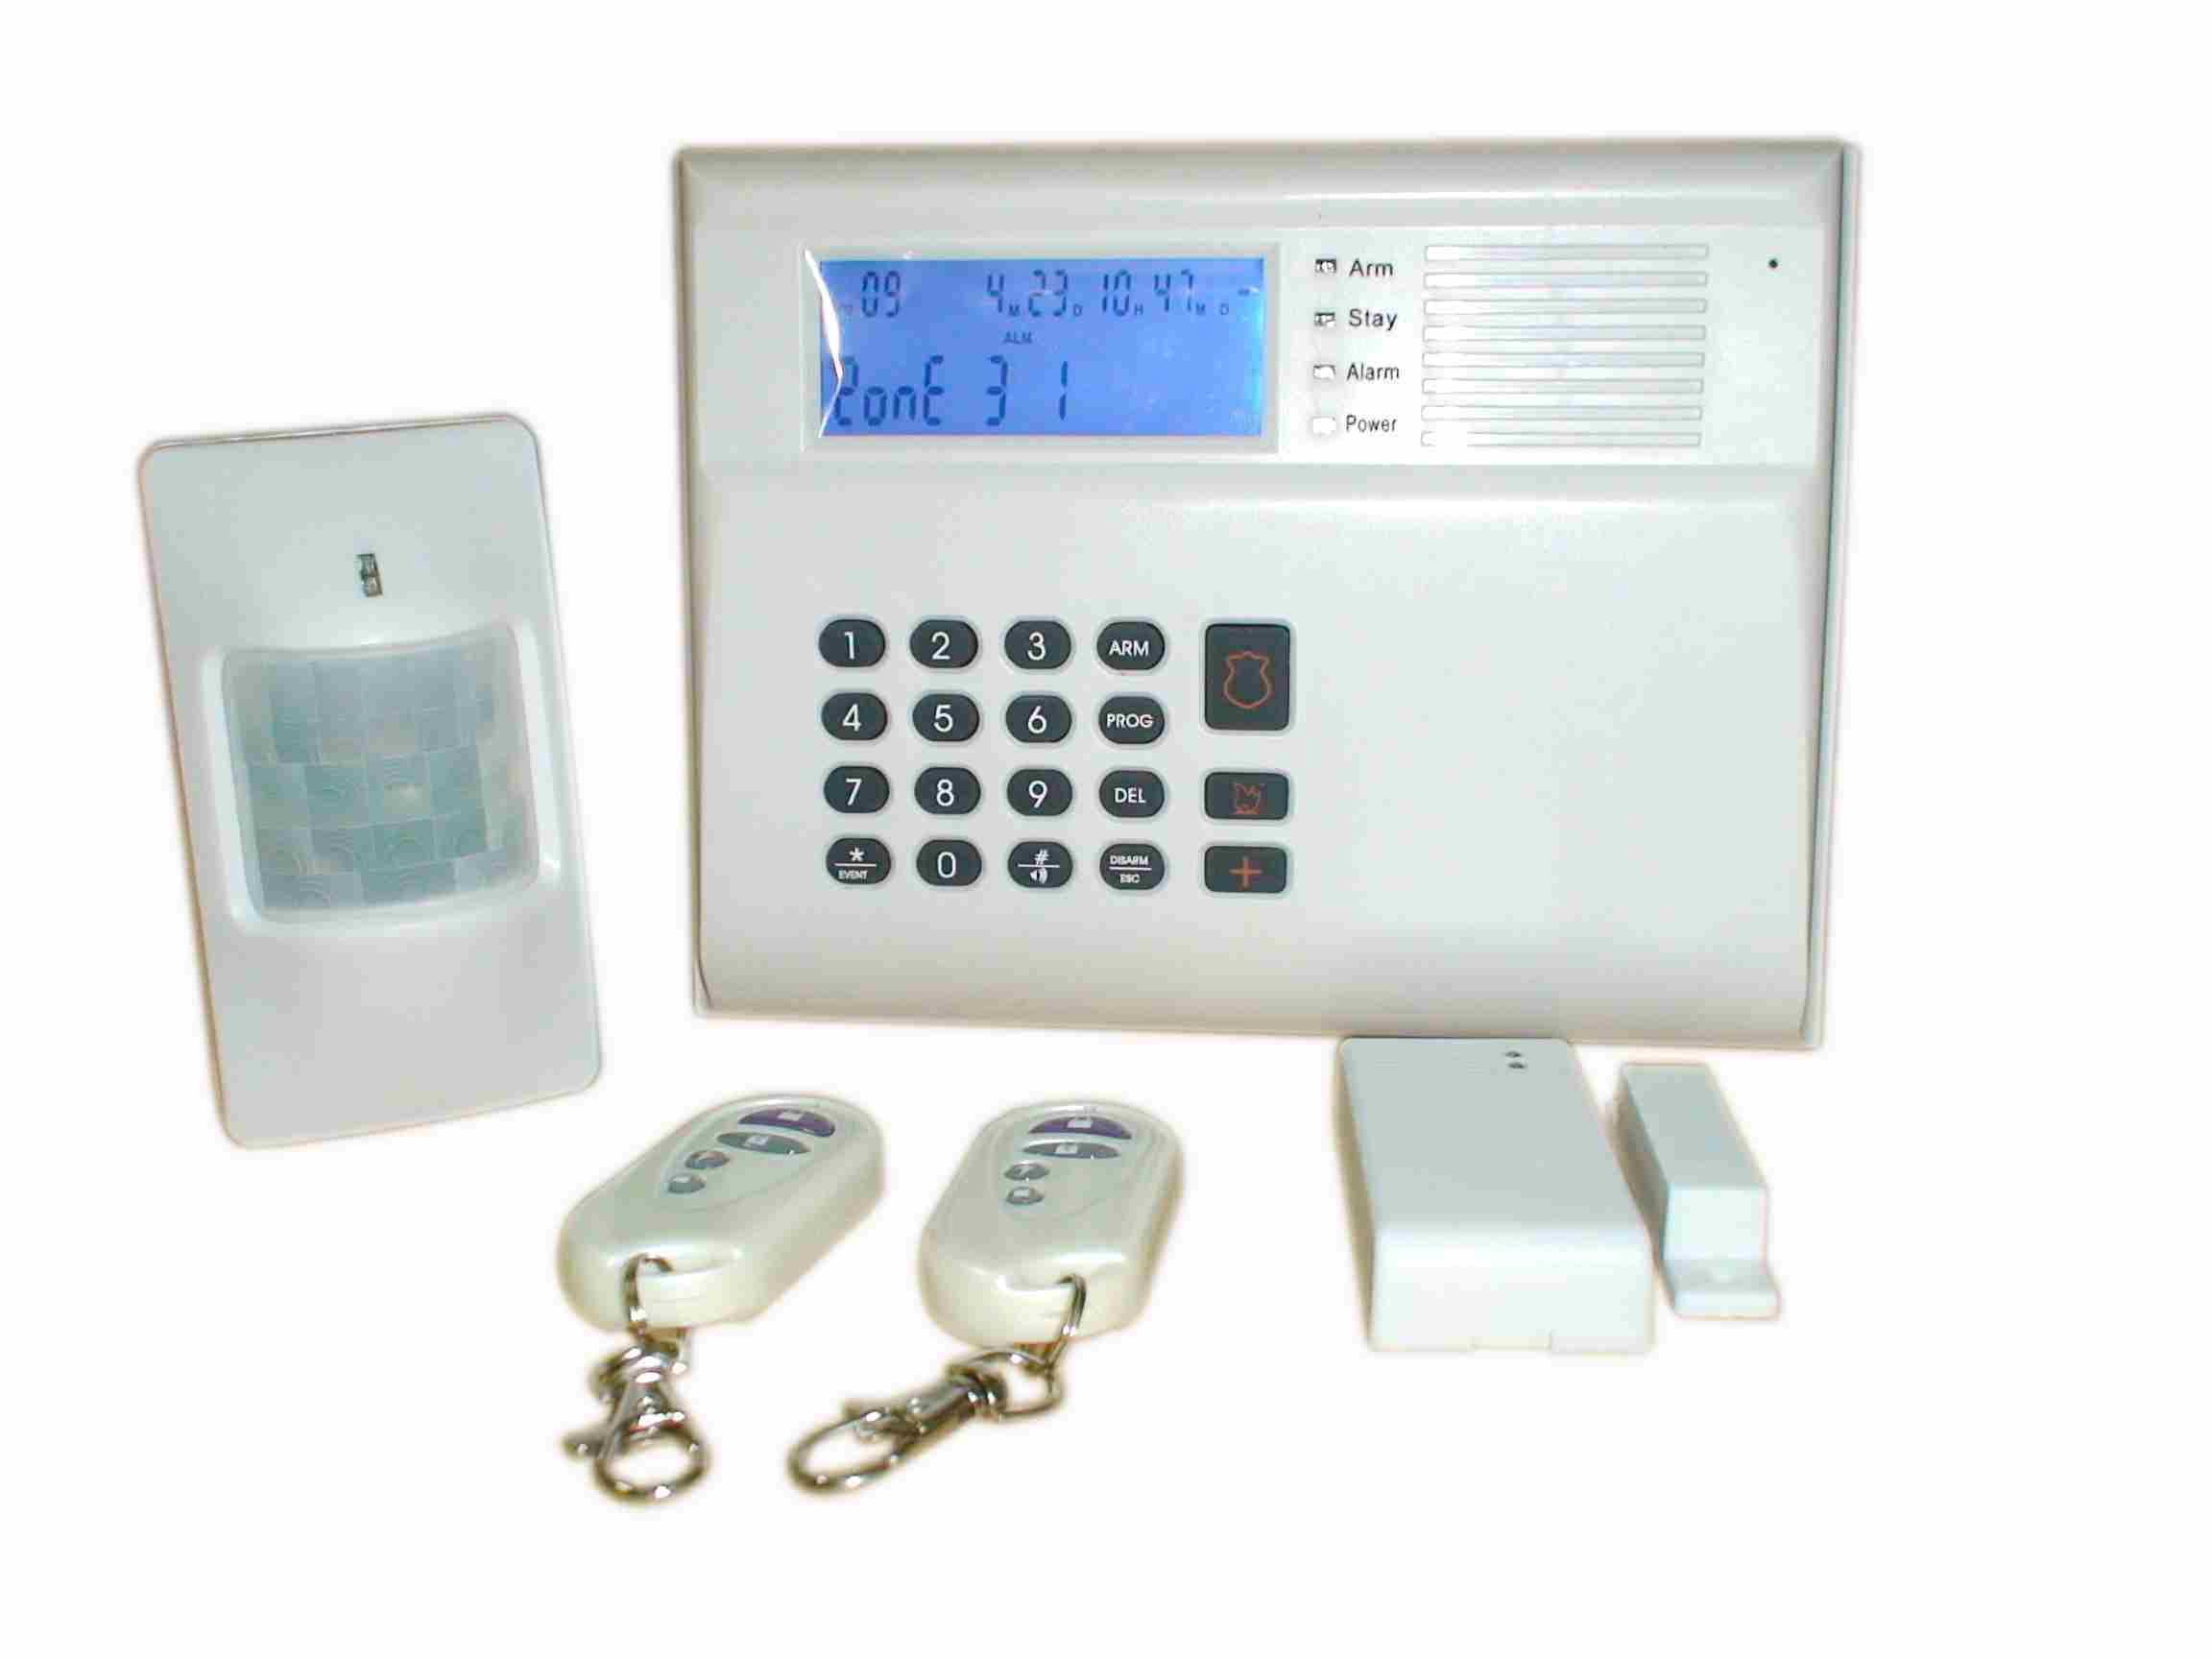 painel de alarme da exposi o de luxuly lcd j h580 painel de alarme da exposi o de luxuly. Black Bedroom Furniture Sets. Home Design Ideas